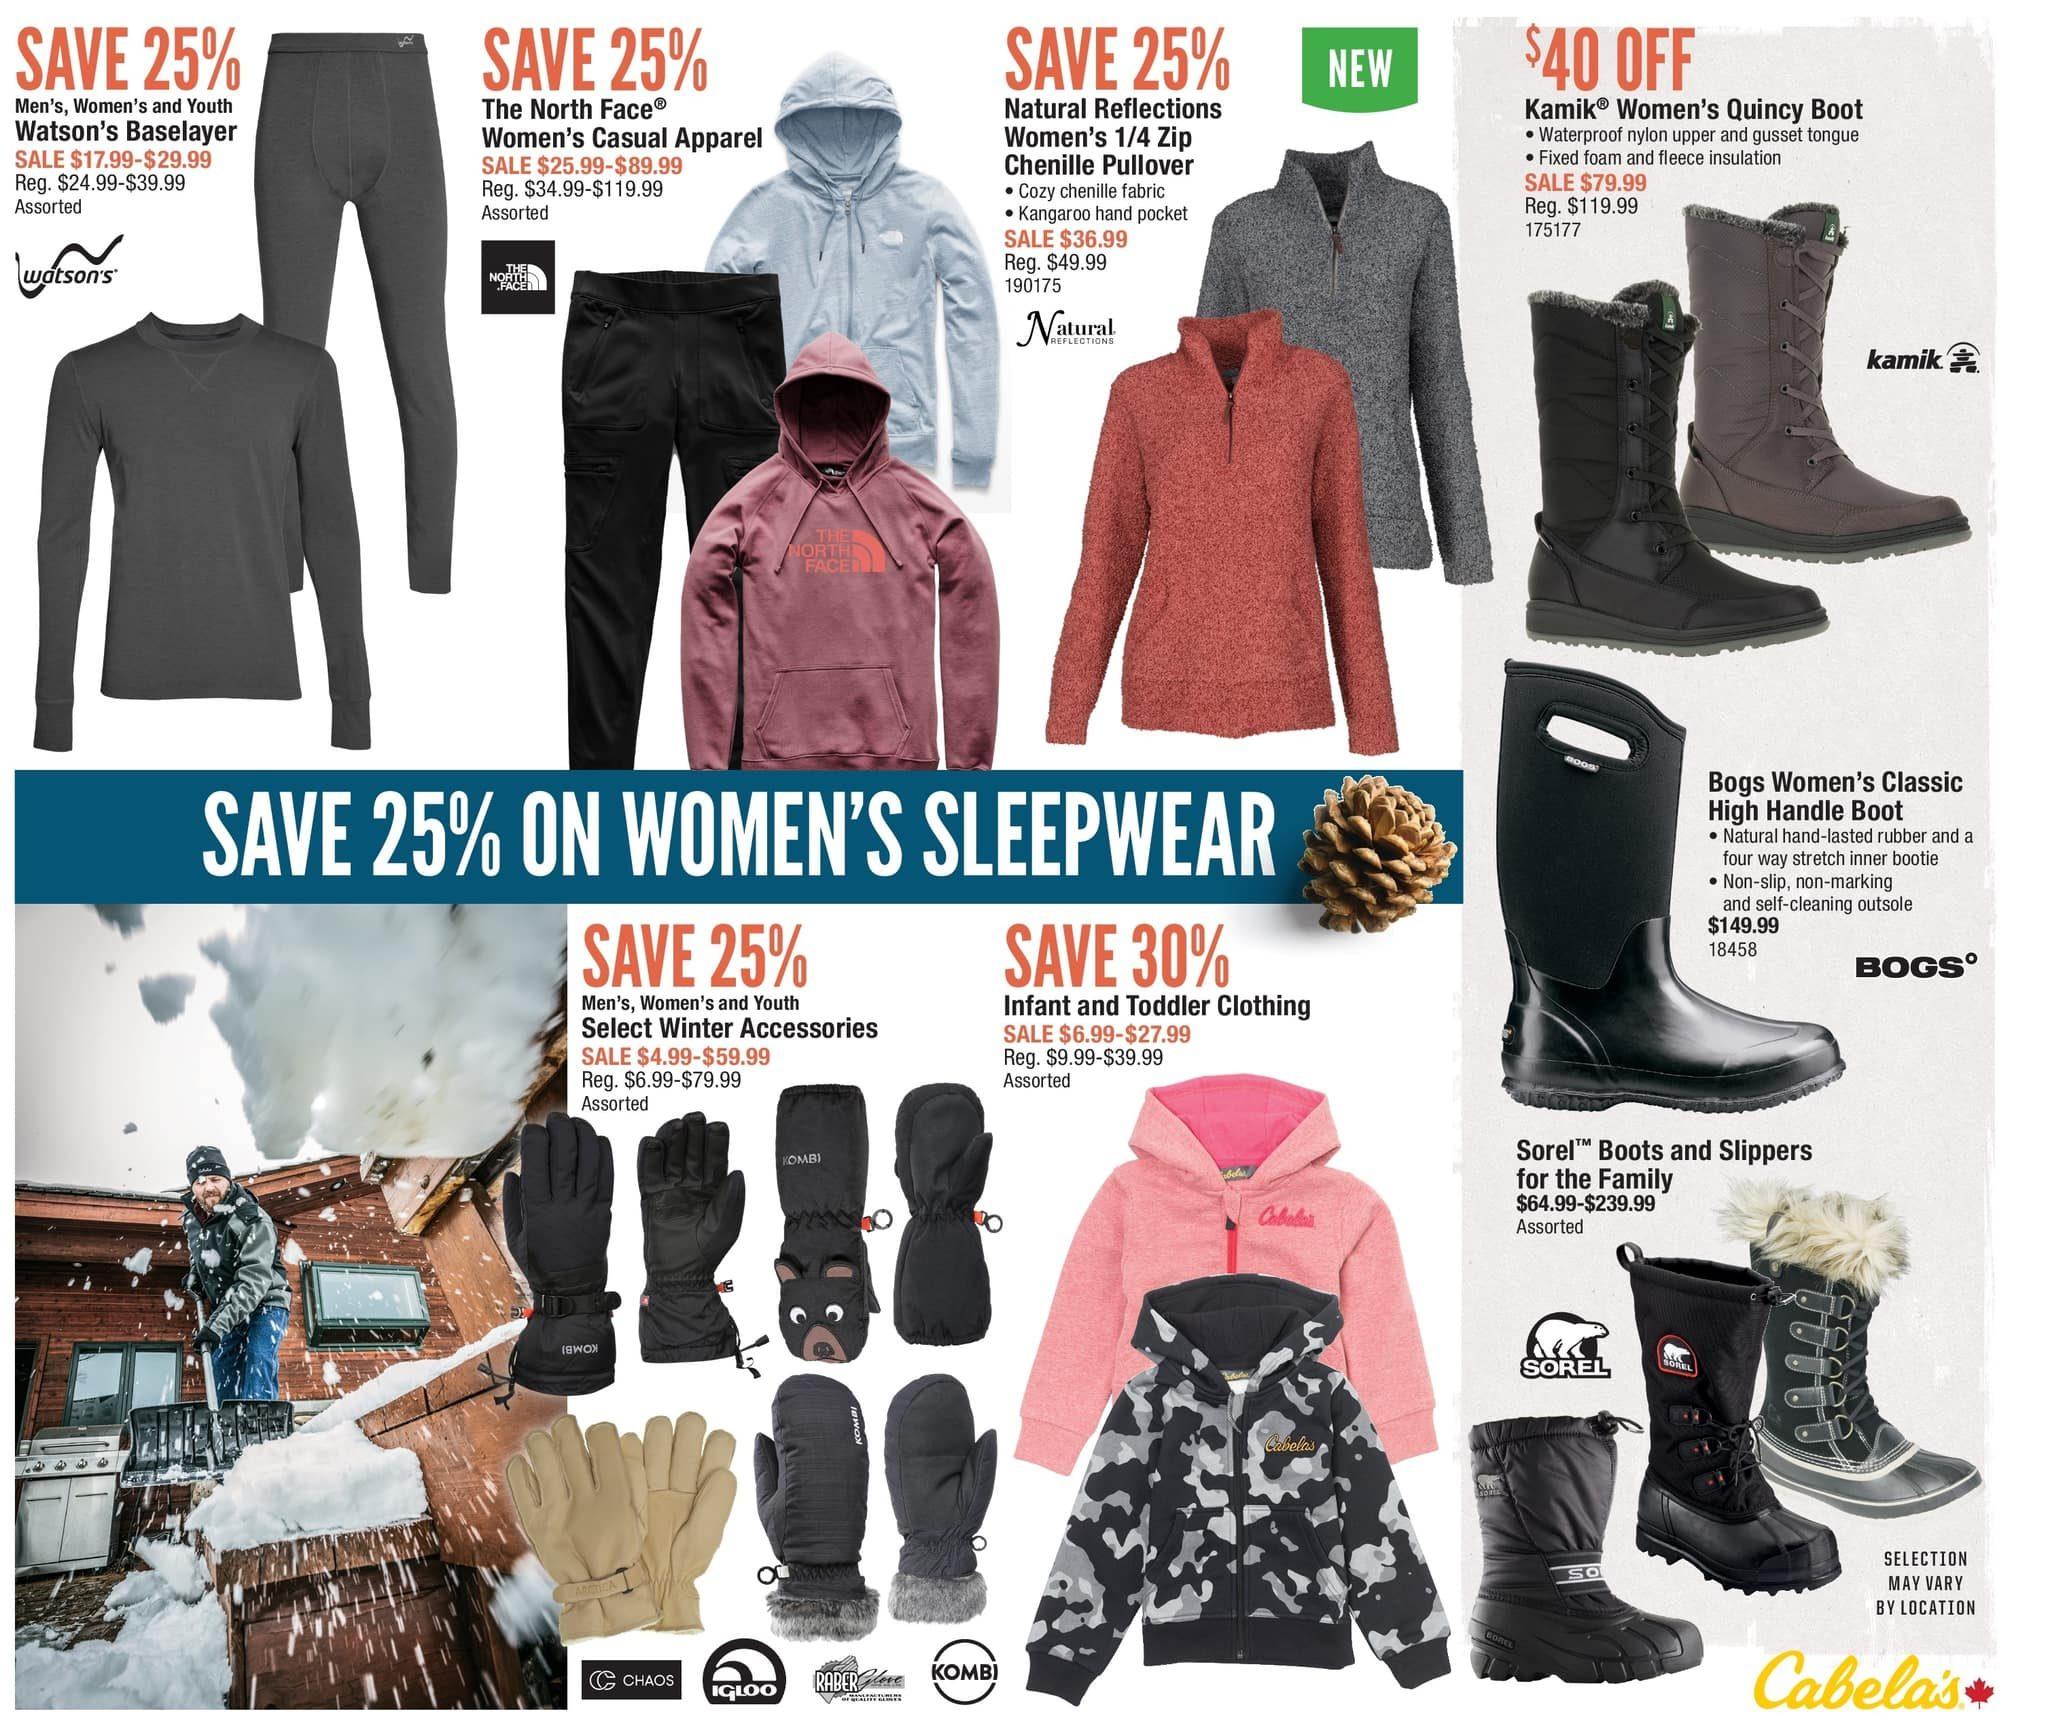 02a3e124947 Cabelas Weekly Flyer - Ultimate Christmas Sale! - Dec 2 – 12 -  RedFlagDeals.com